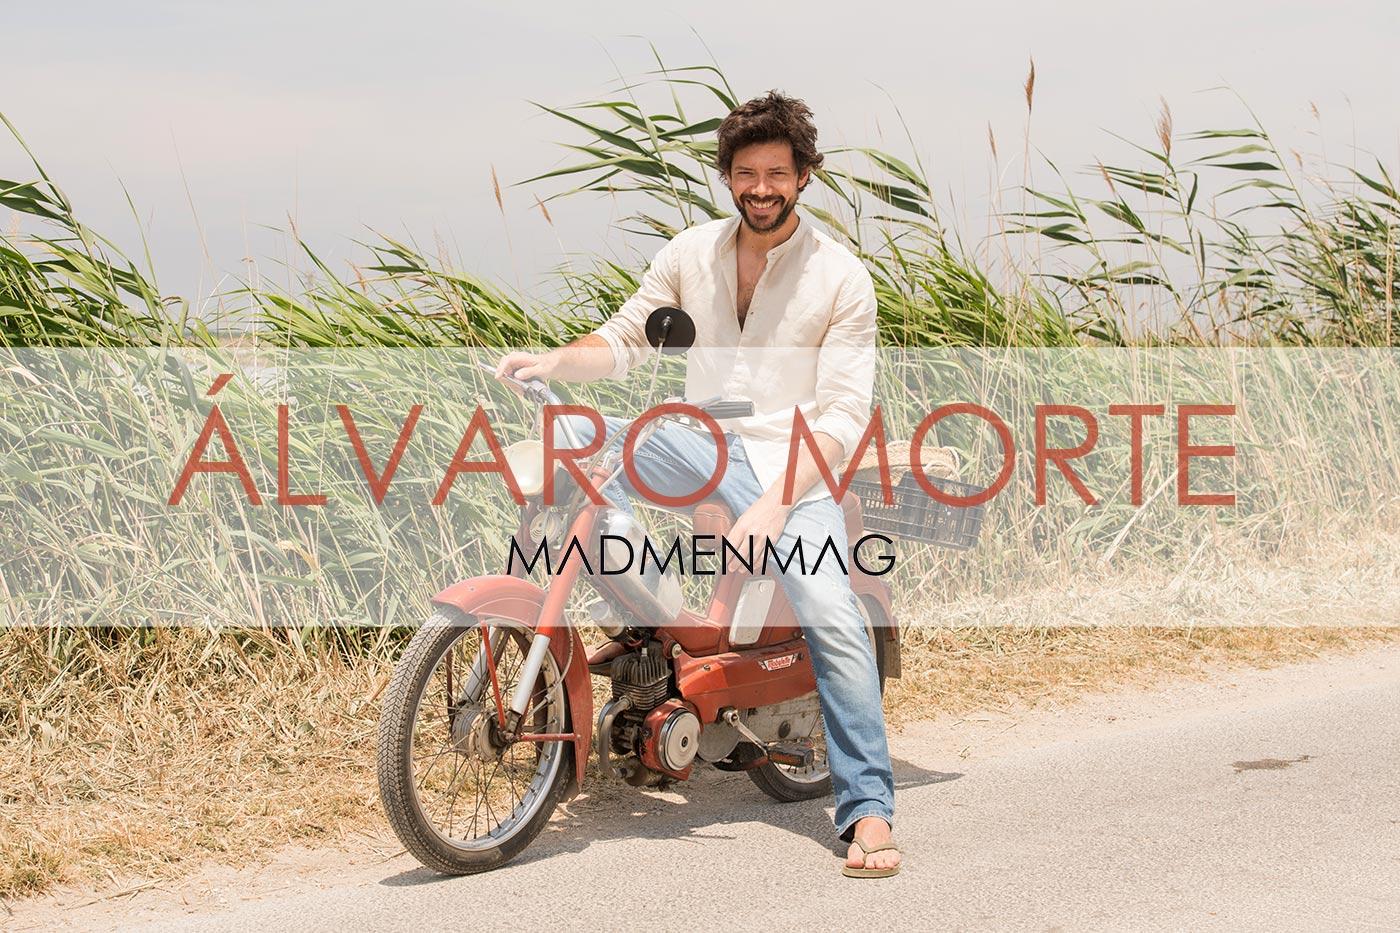 alvaro-morte-madmenmag-portada-web